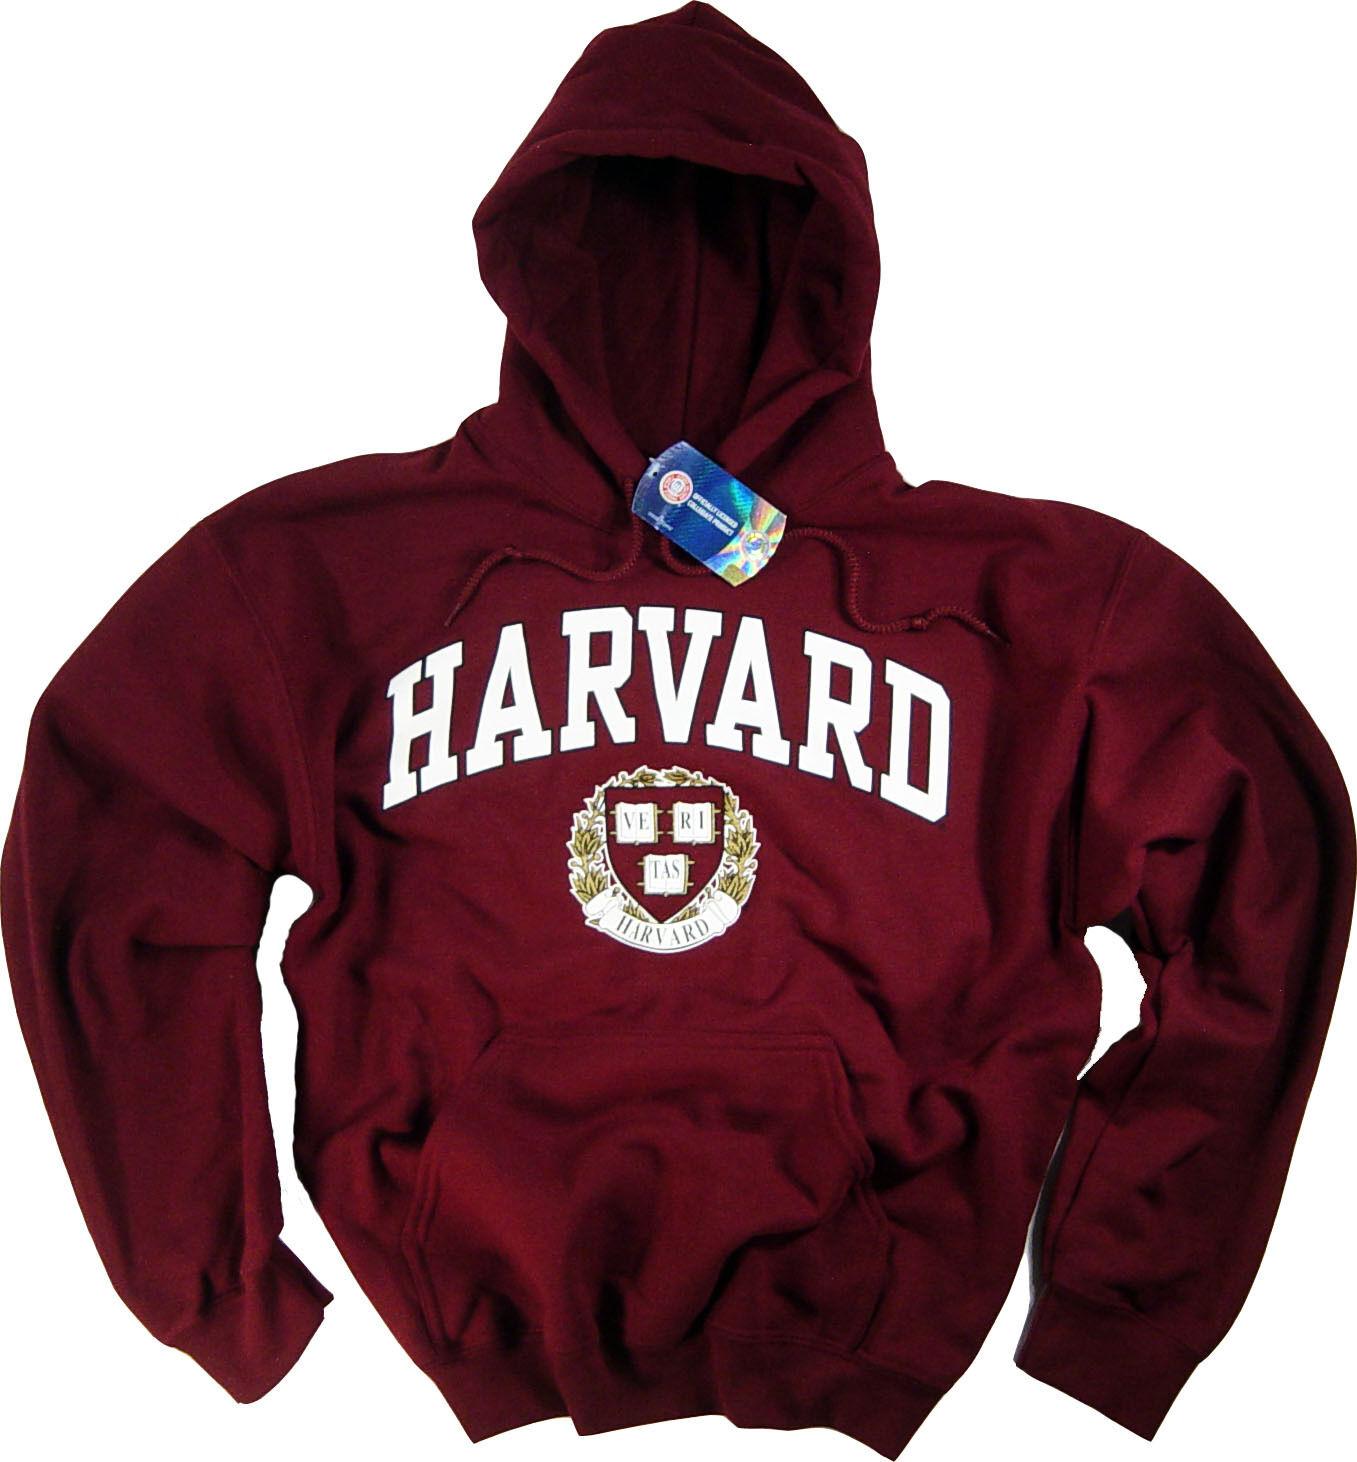 Harvard Shirt Sweatshirt Hoodie T-Shirt University Sweater B